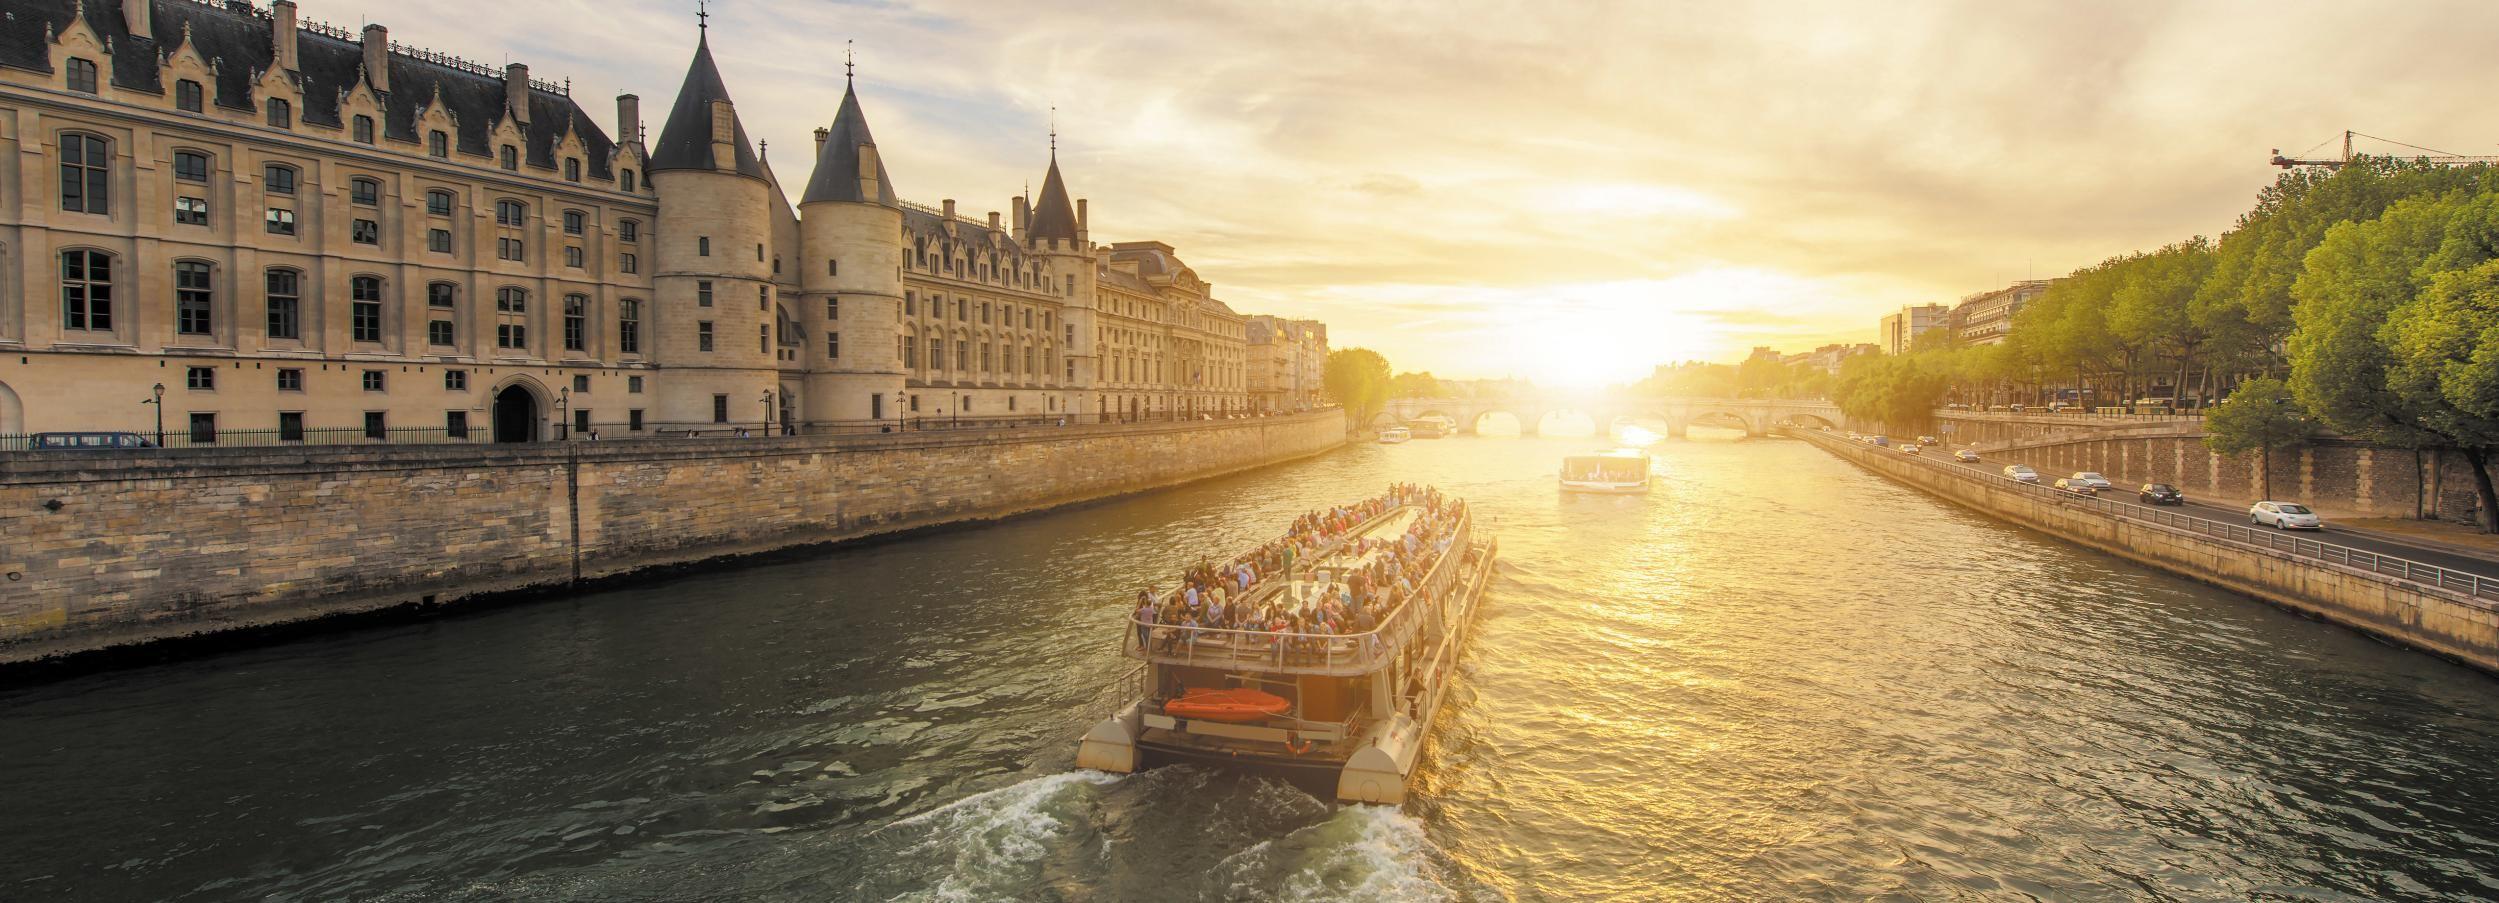 Parijs: rondvaart van 1 uur in het avondlicht